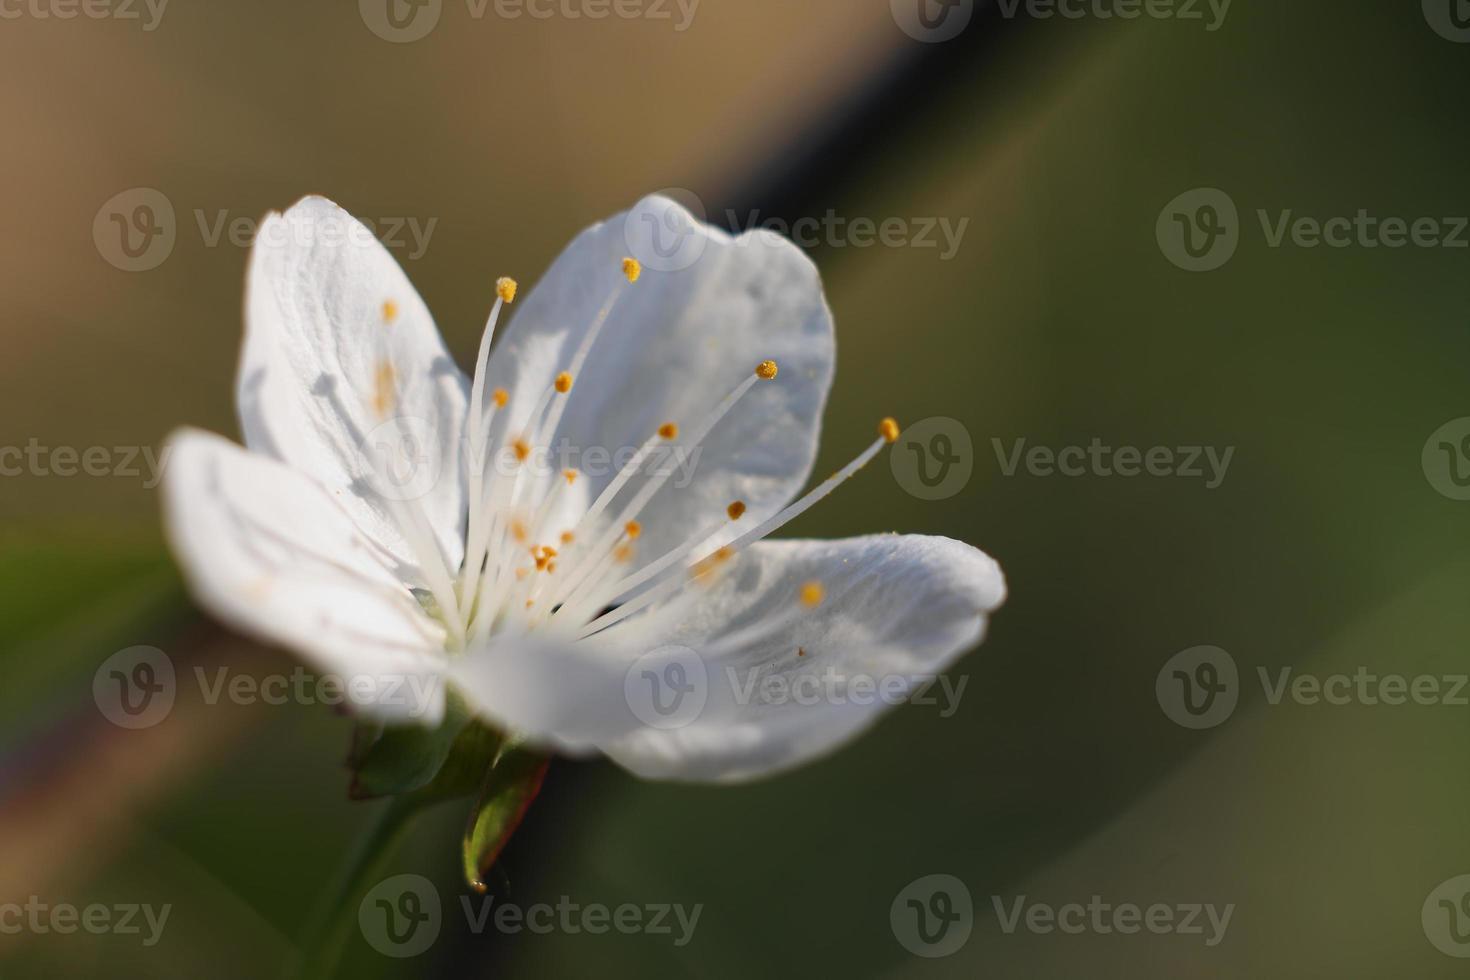 fiori di melo fiori-primavera albero foto